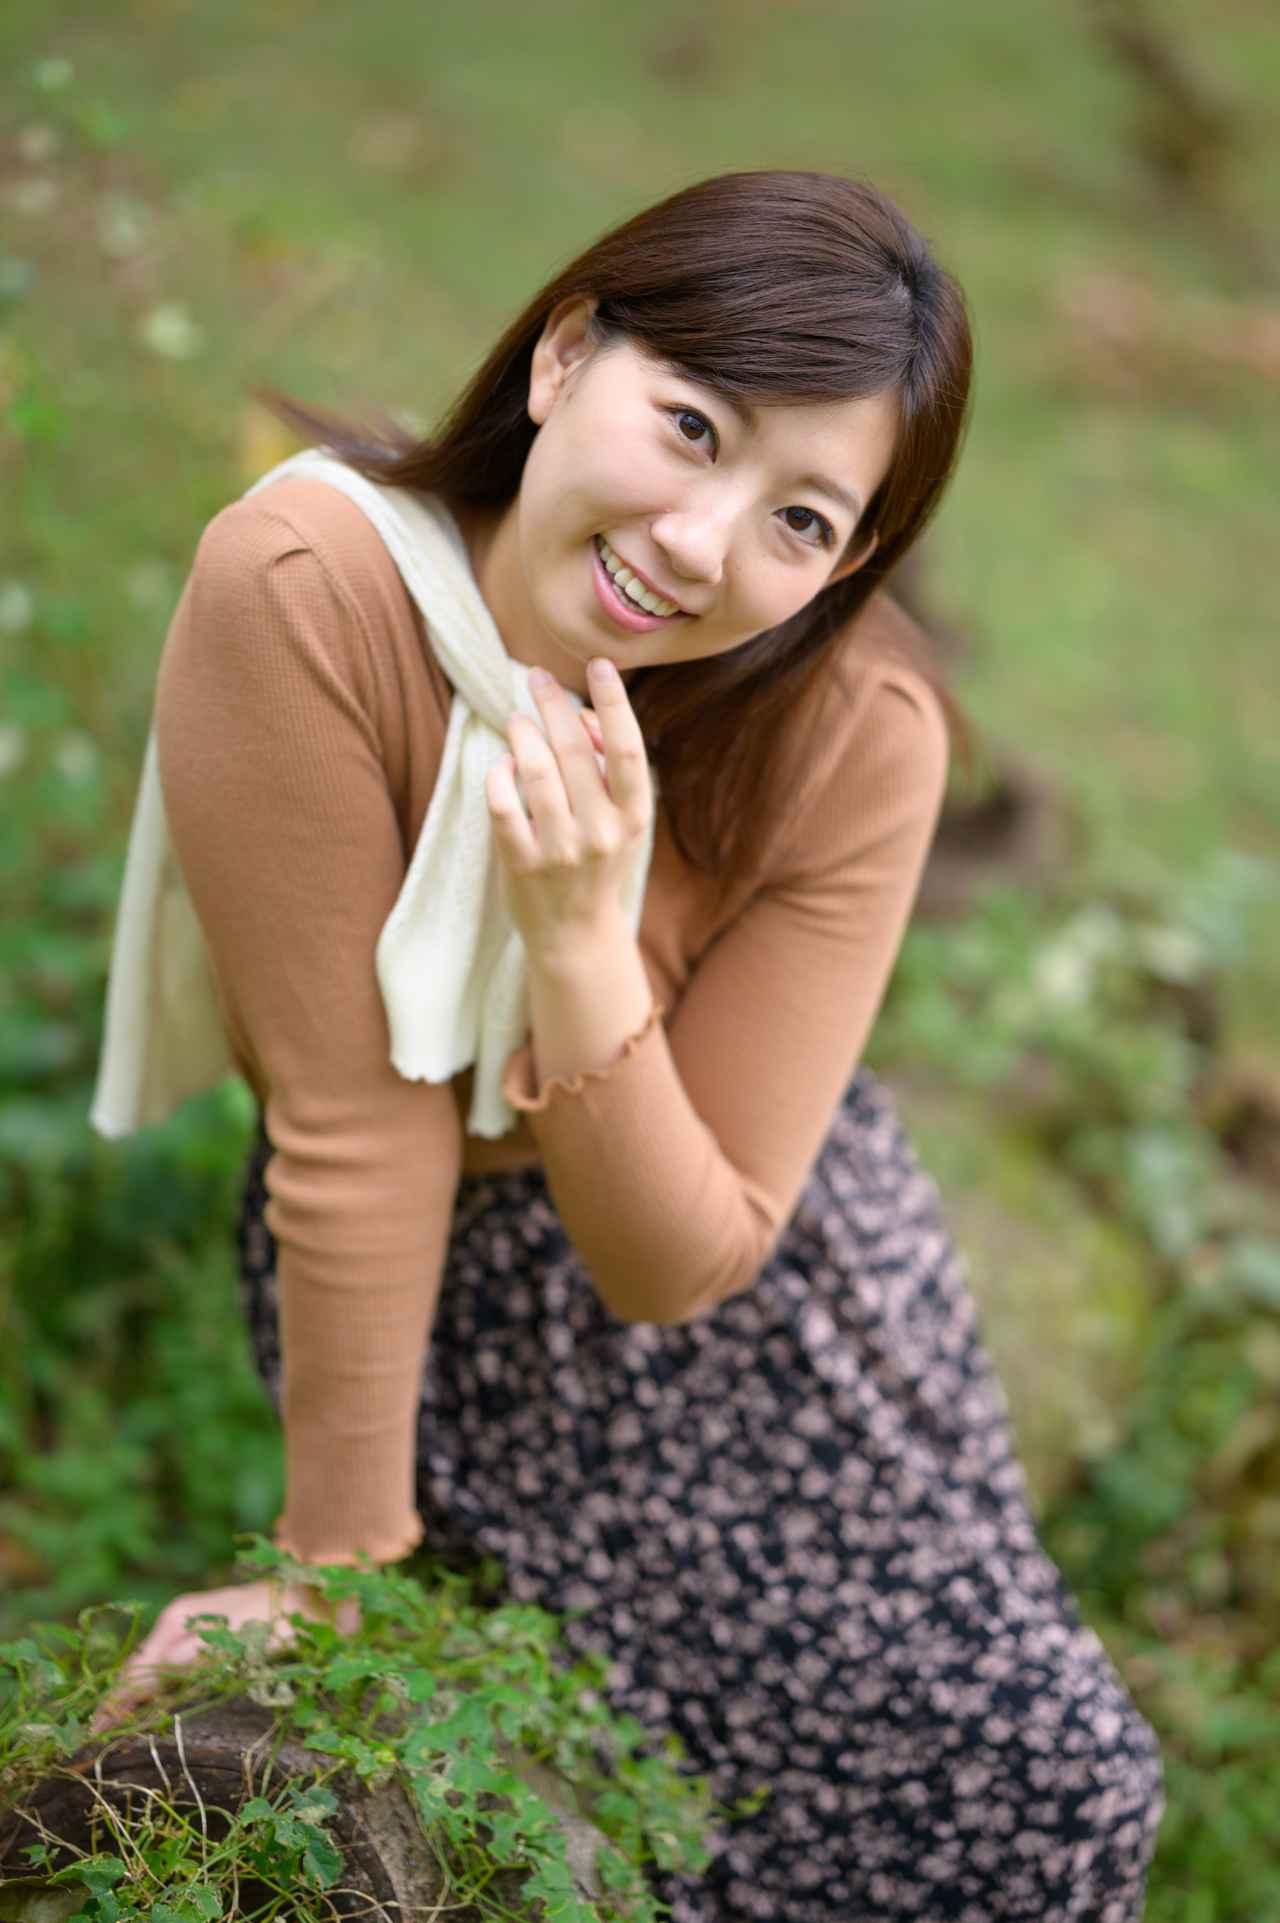 画像1: Nikon Z 6 +NIKKOR Z 85mm f/1.8S 1/640 f/1.8 ISO200 WB5000